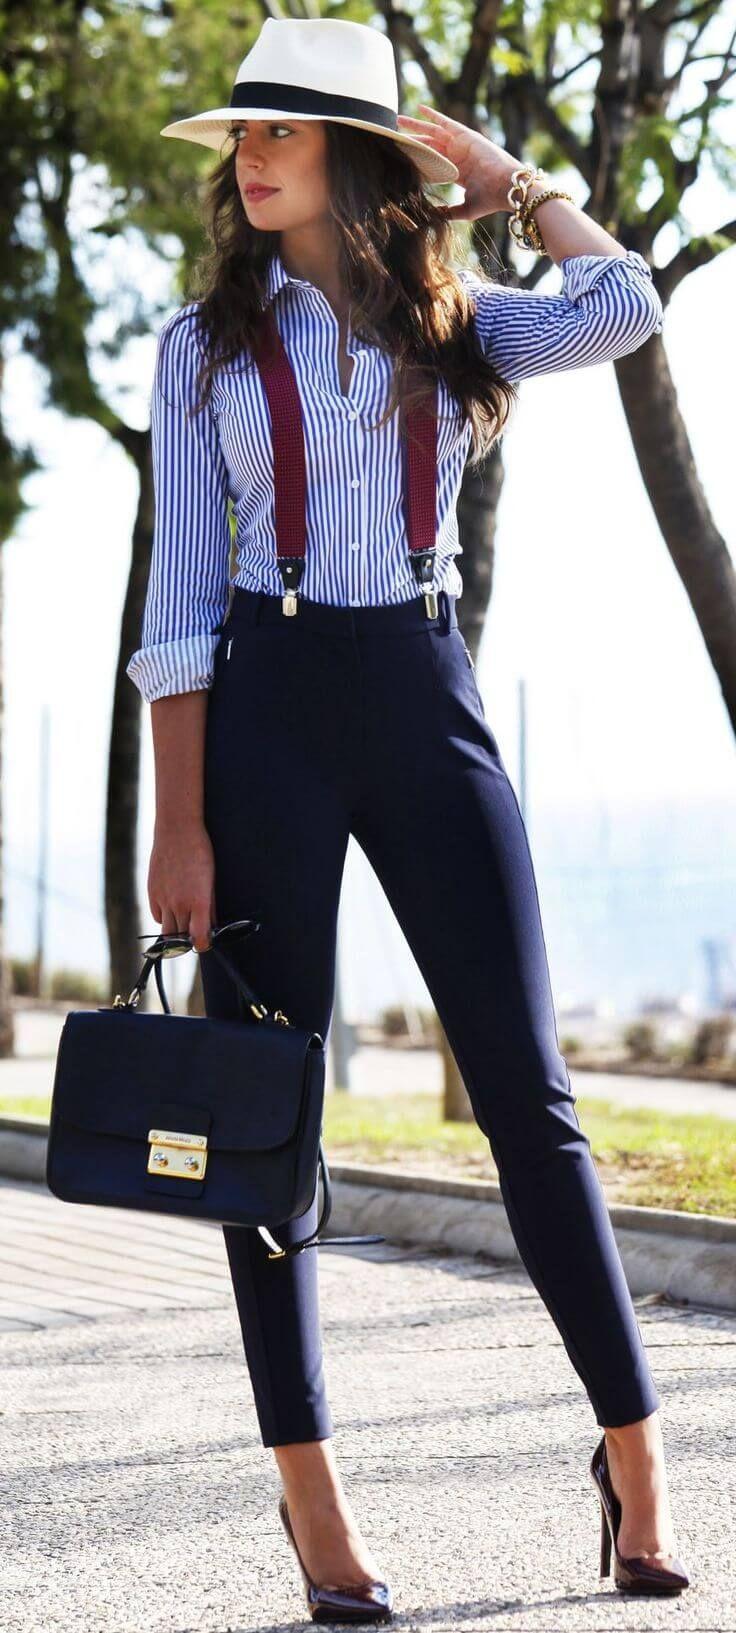 Офисный лук 2017: синие брюки с полосатой рубашкой